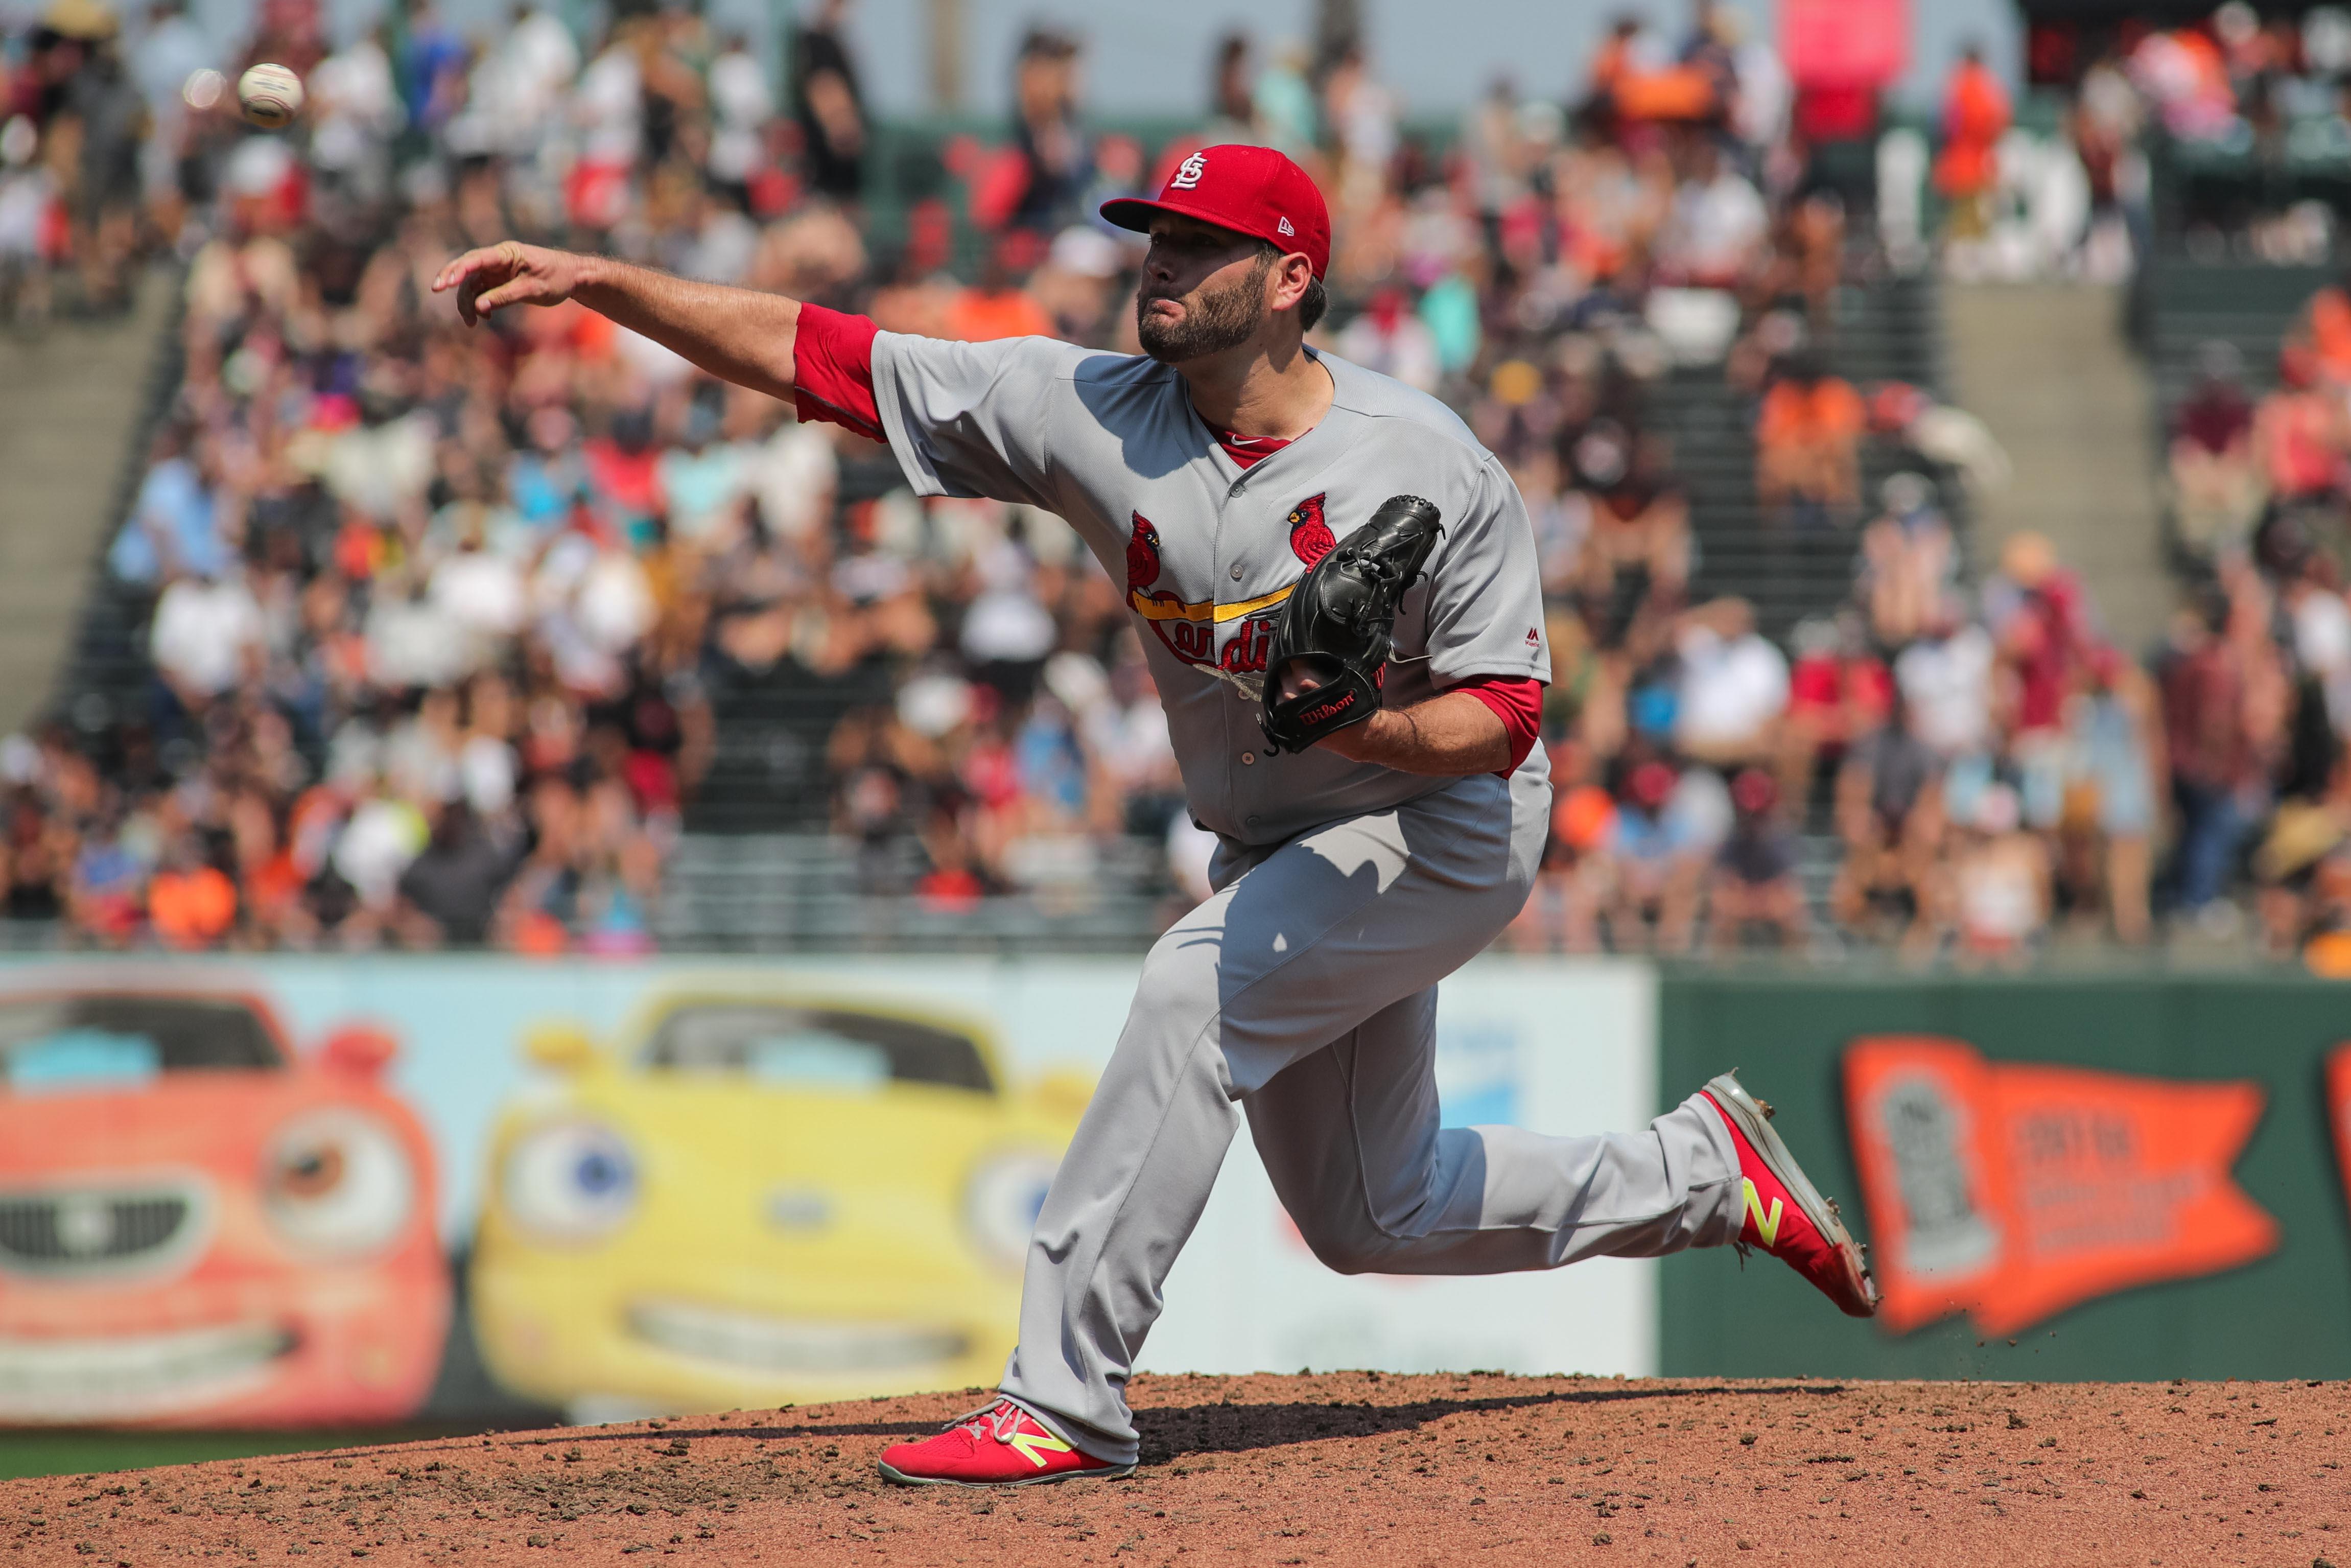 MLB: St. Louis Cardinals at San Francisco Giants